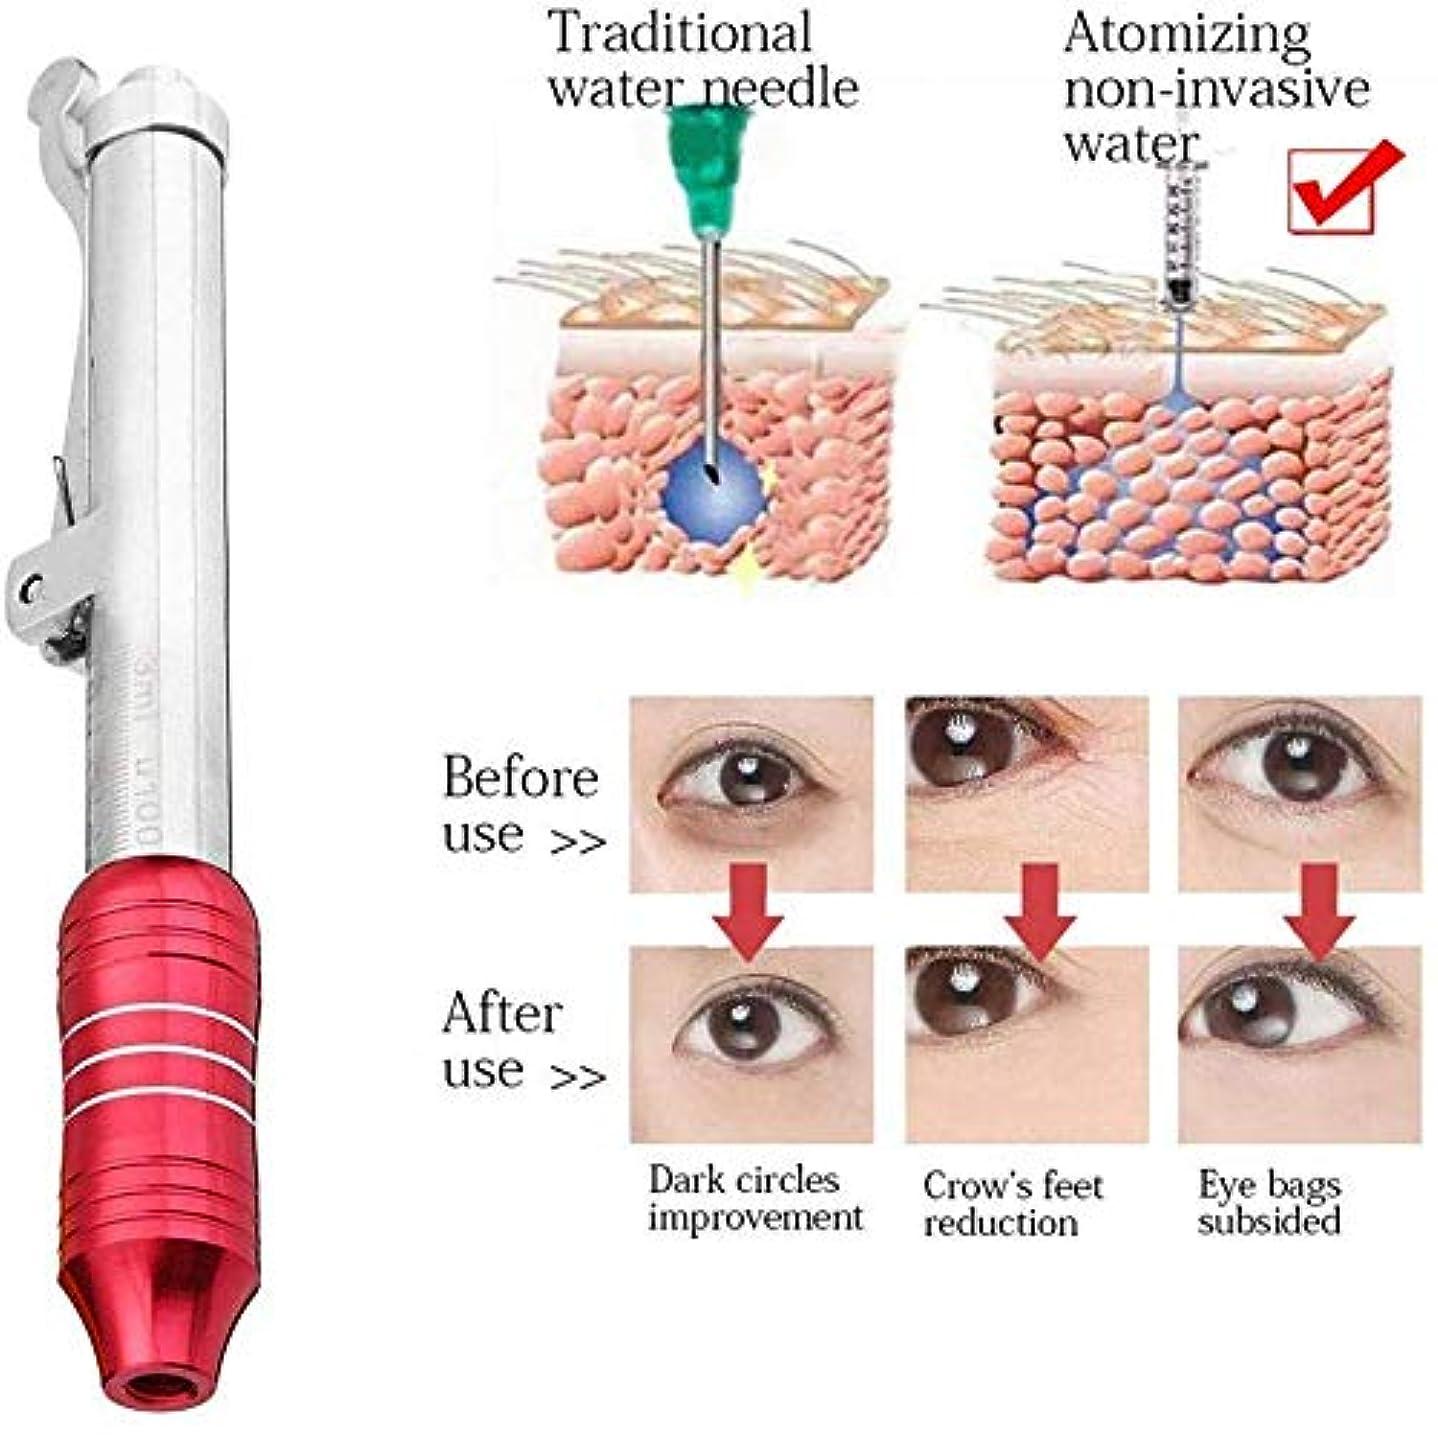 ライターたとえ強制ヒアルロン注射ペン、高圧ヒアルロン酸ペン、肌の弾力性の回復、しわを減らすのに役立つ、ヒアルロン酸保湿剤